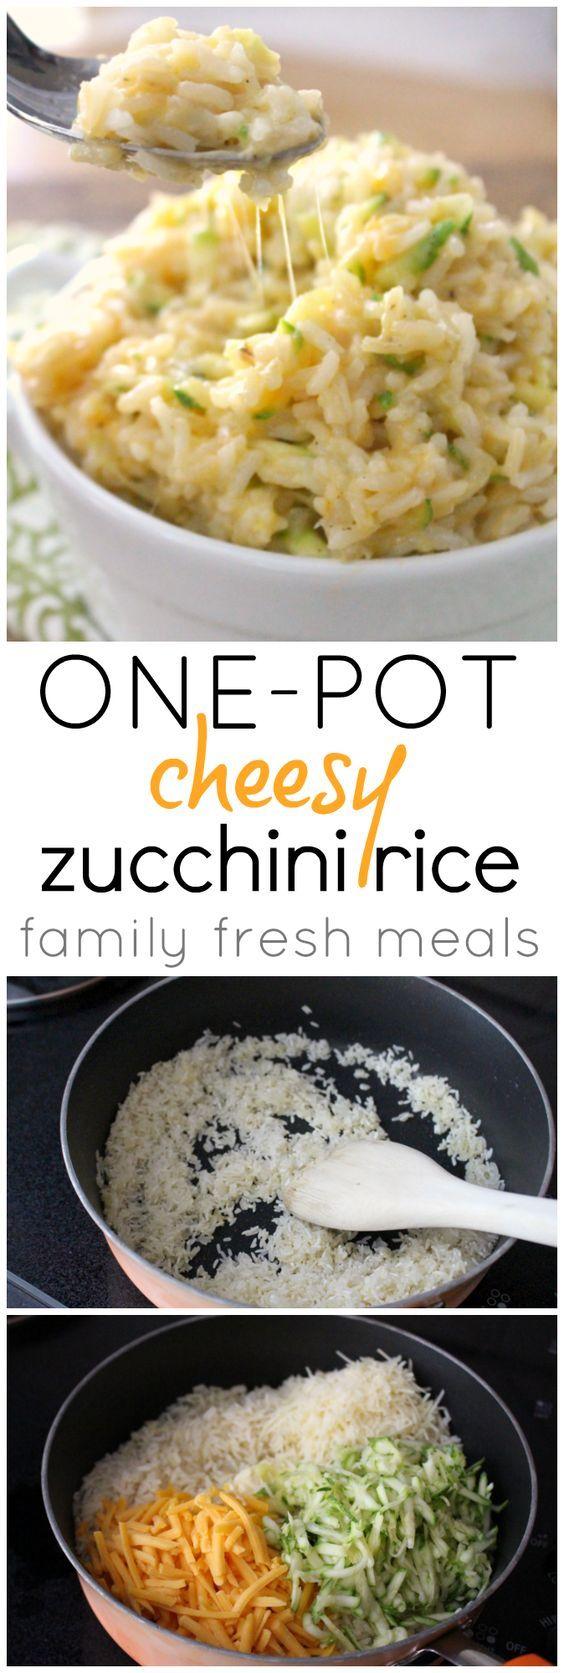 Blue apron zucchini rice - One Pot Cheesy Zucchini Rice